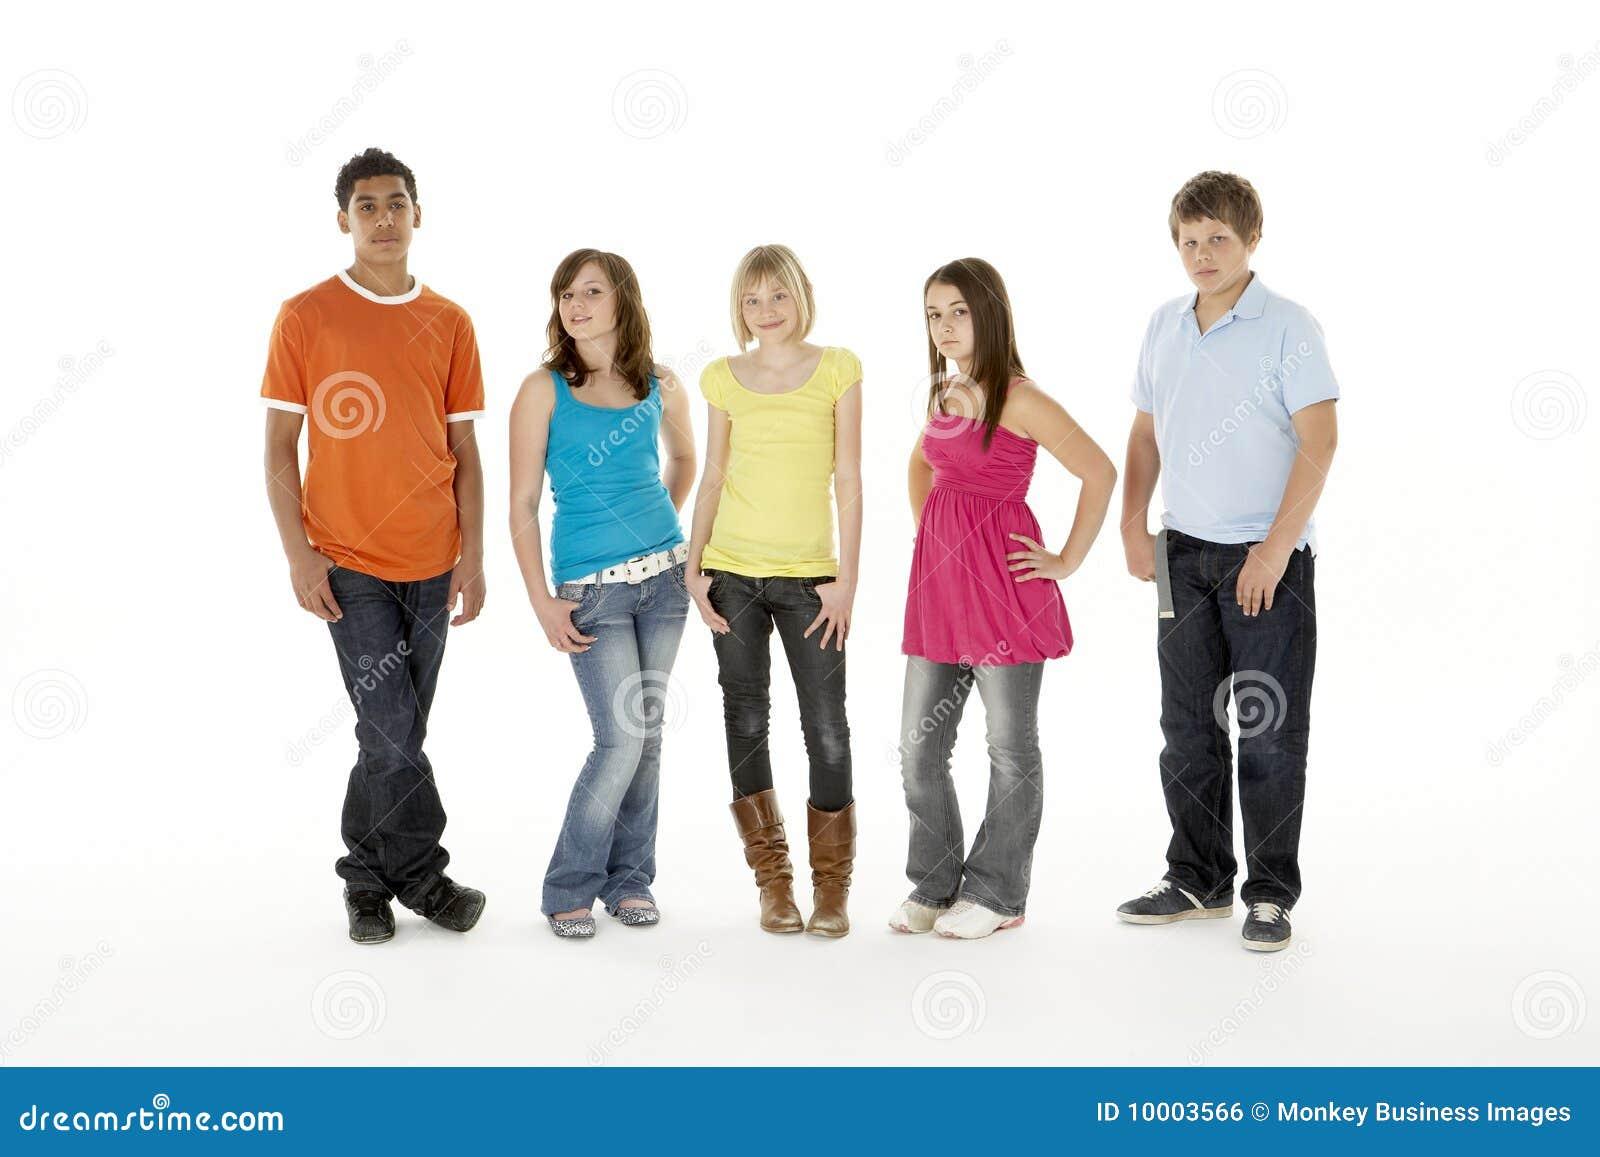 Gruppe von fünf jungen Kindern im Studio